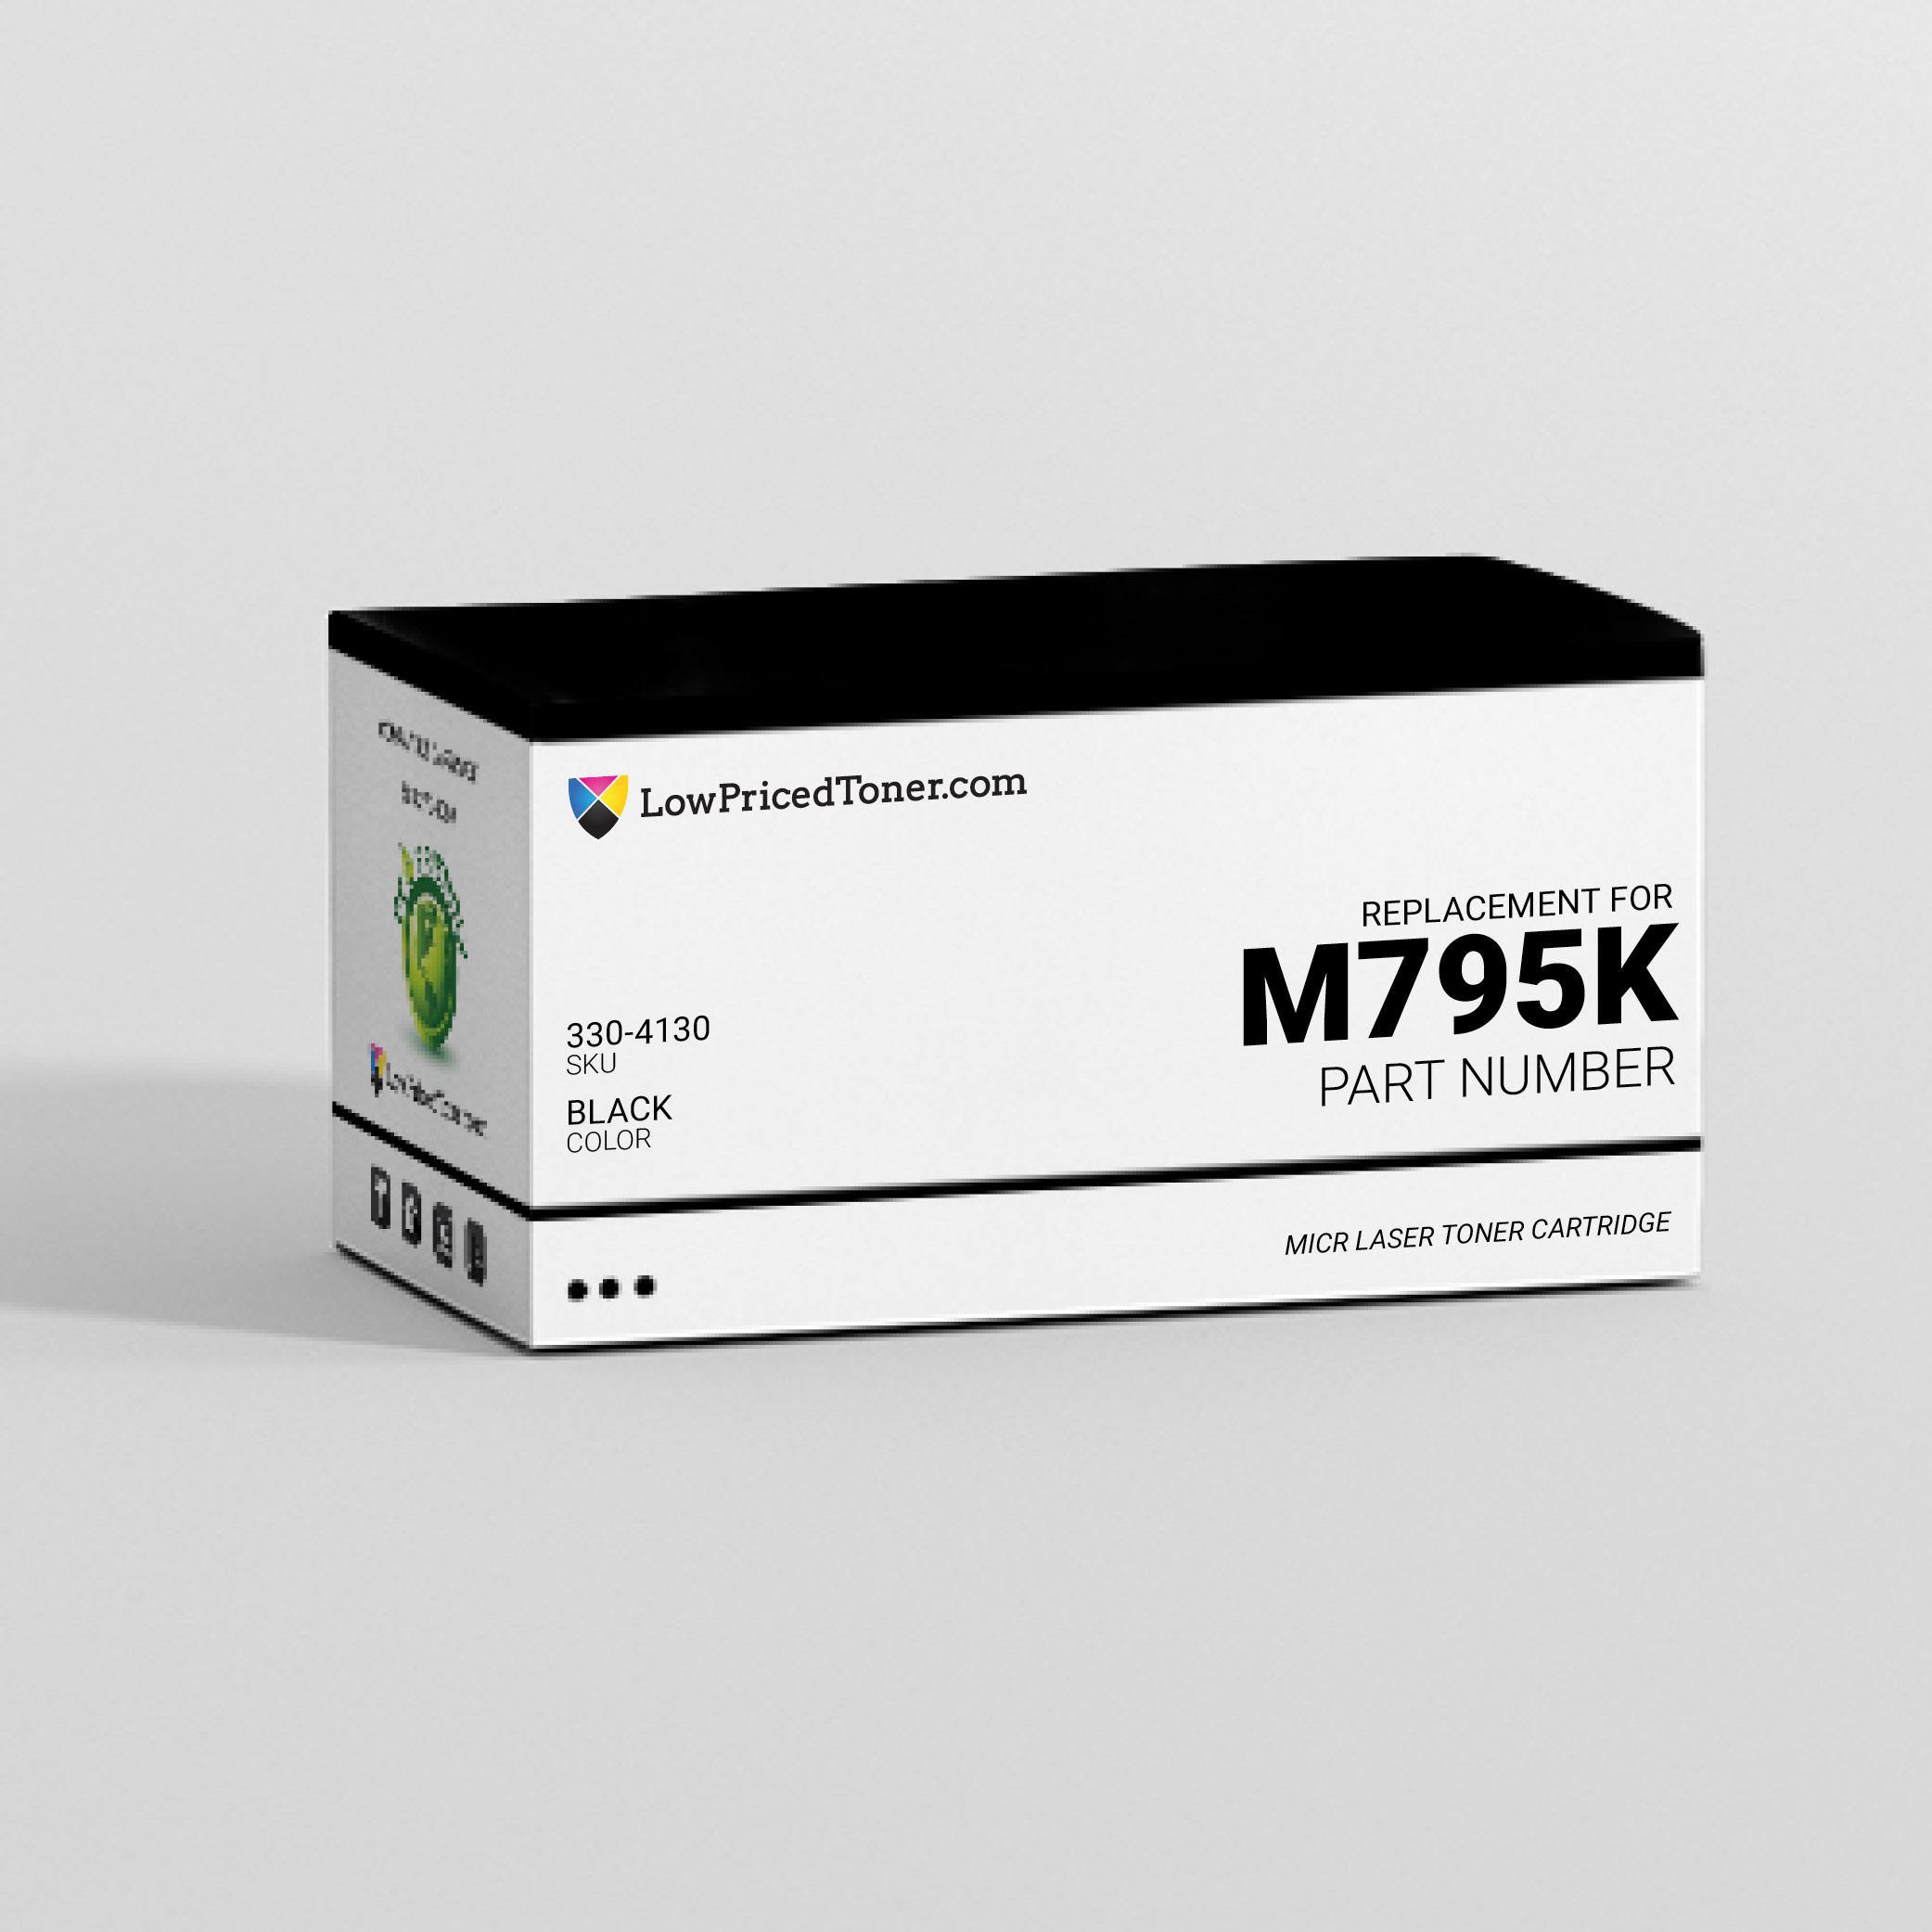 Dell 330-4130 M795K Remanufactured Black MICR Laser Toner Cartridge